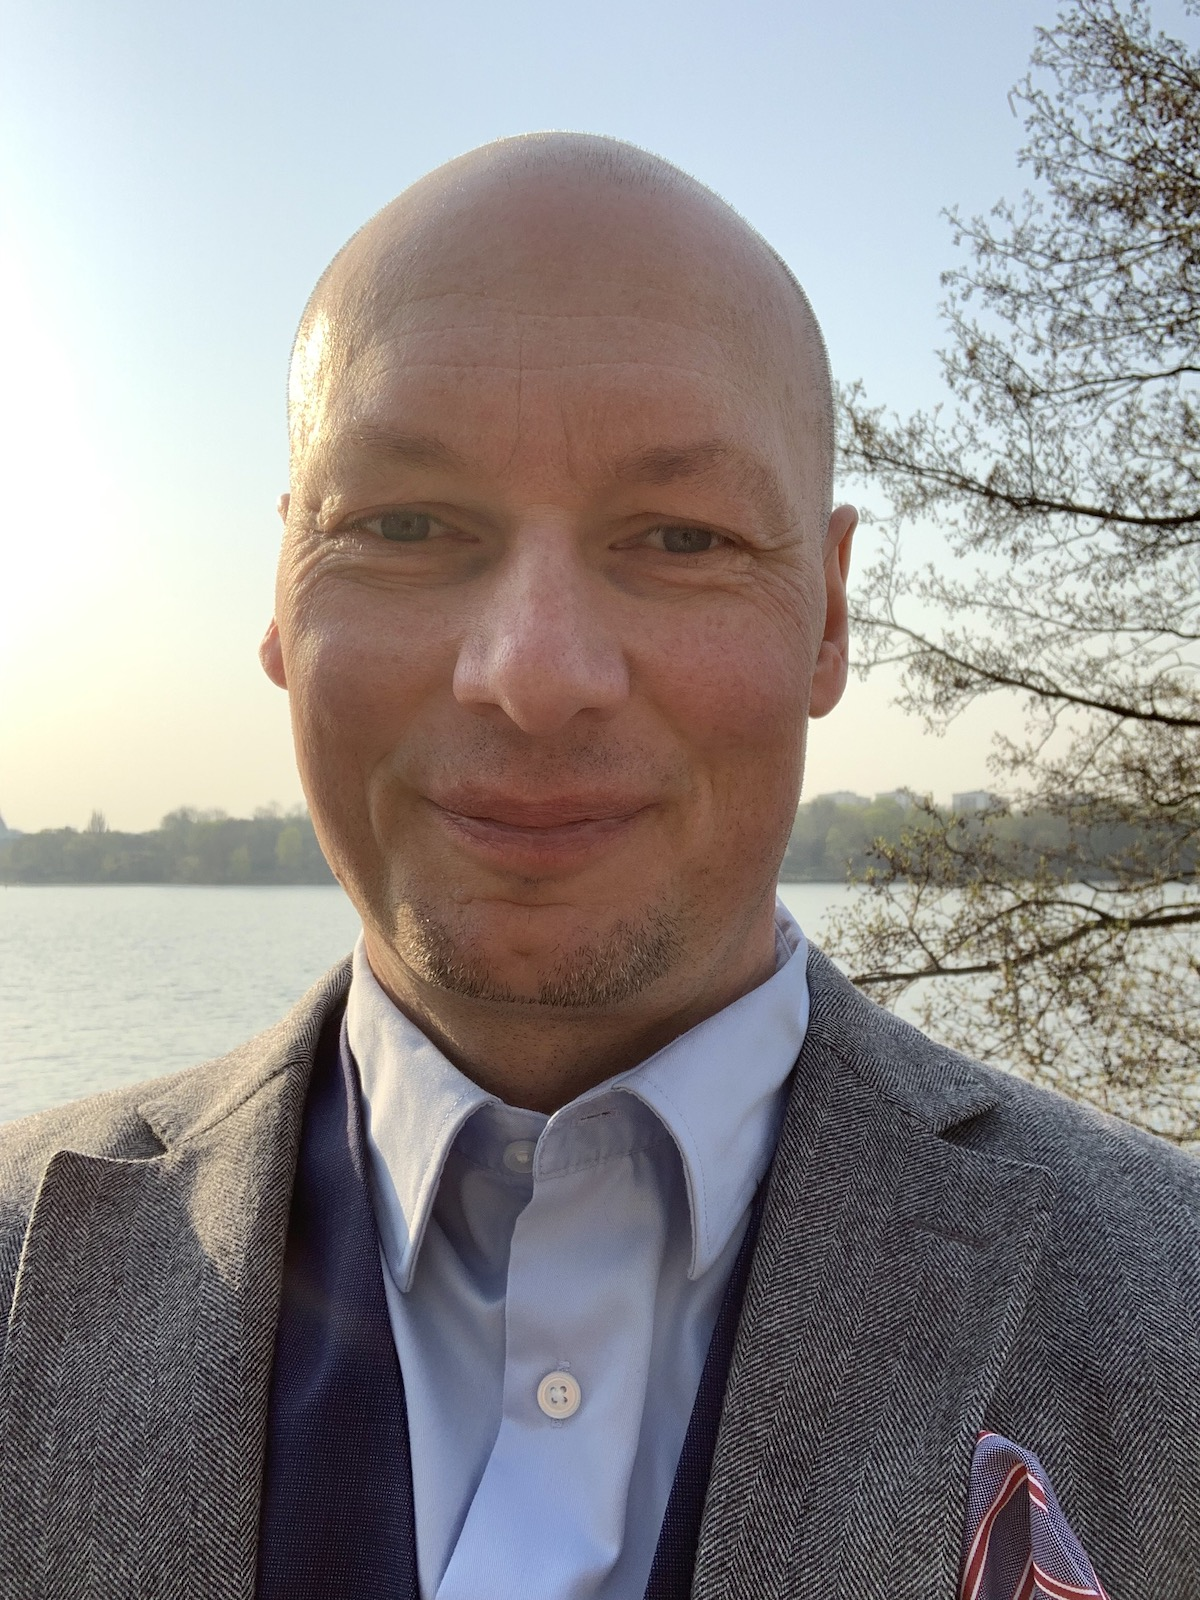 Marcus Schmitt-Egenolf Överläkare och  professor i  dermatologi vid Umeå universitet